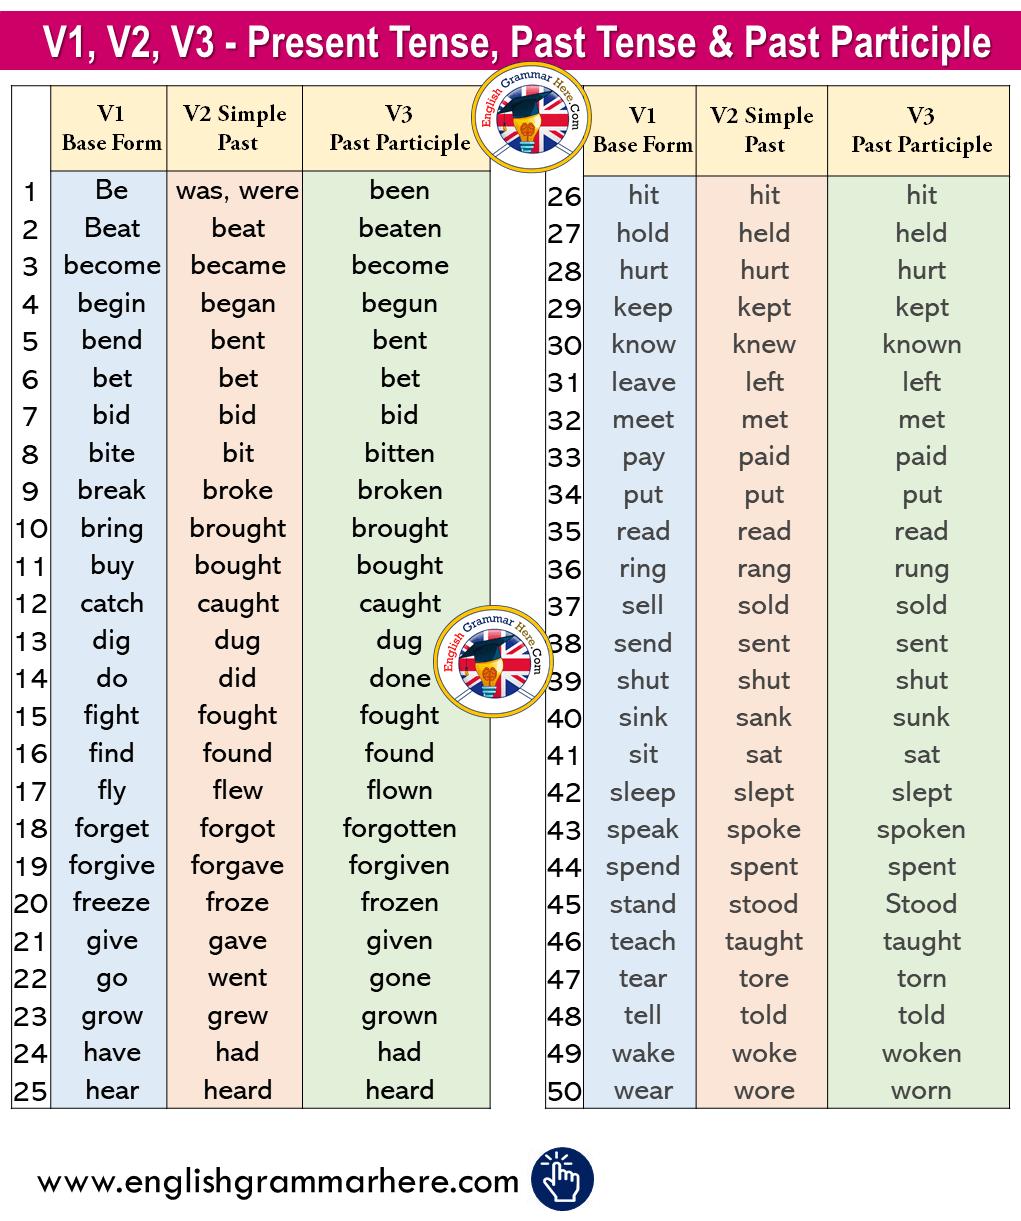 V1, V2, V3 - Present Tense, Past Tense & Past Participle